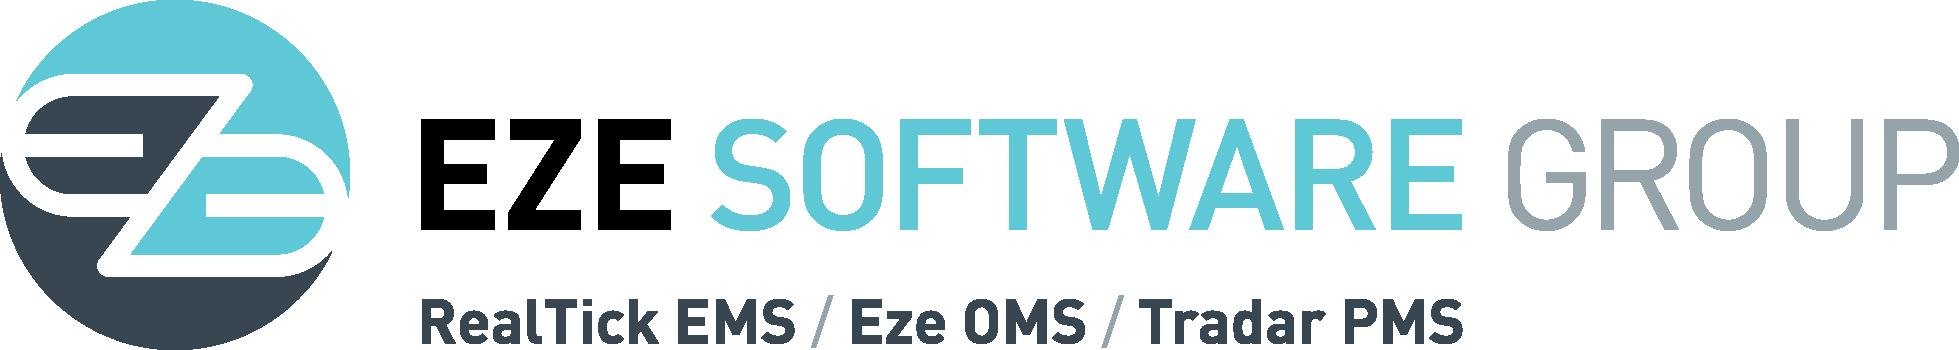 eze-logo.png